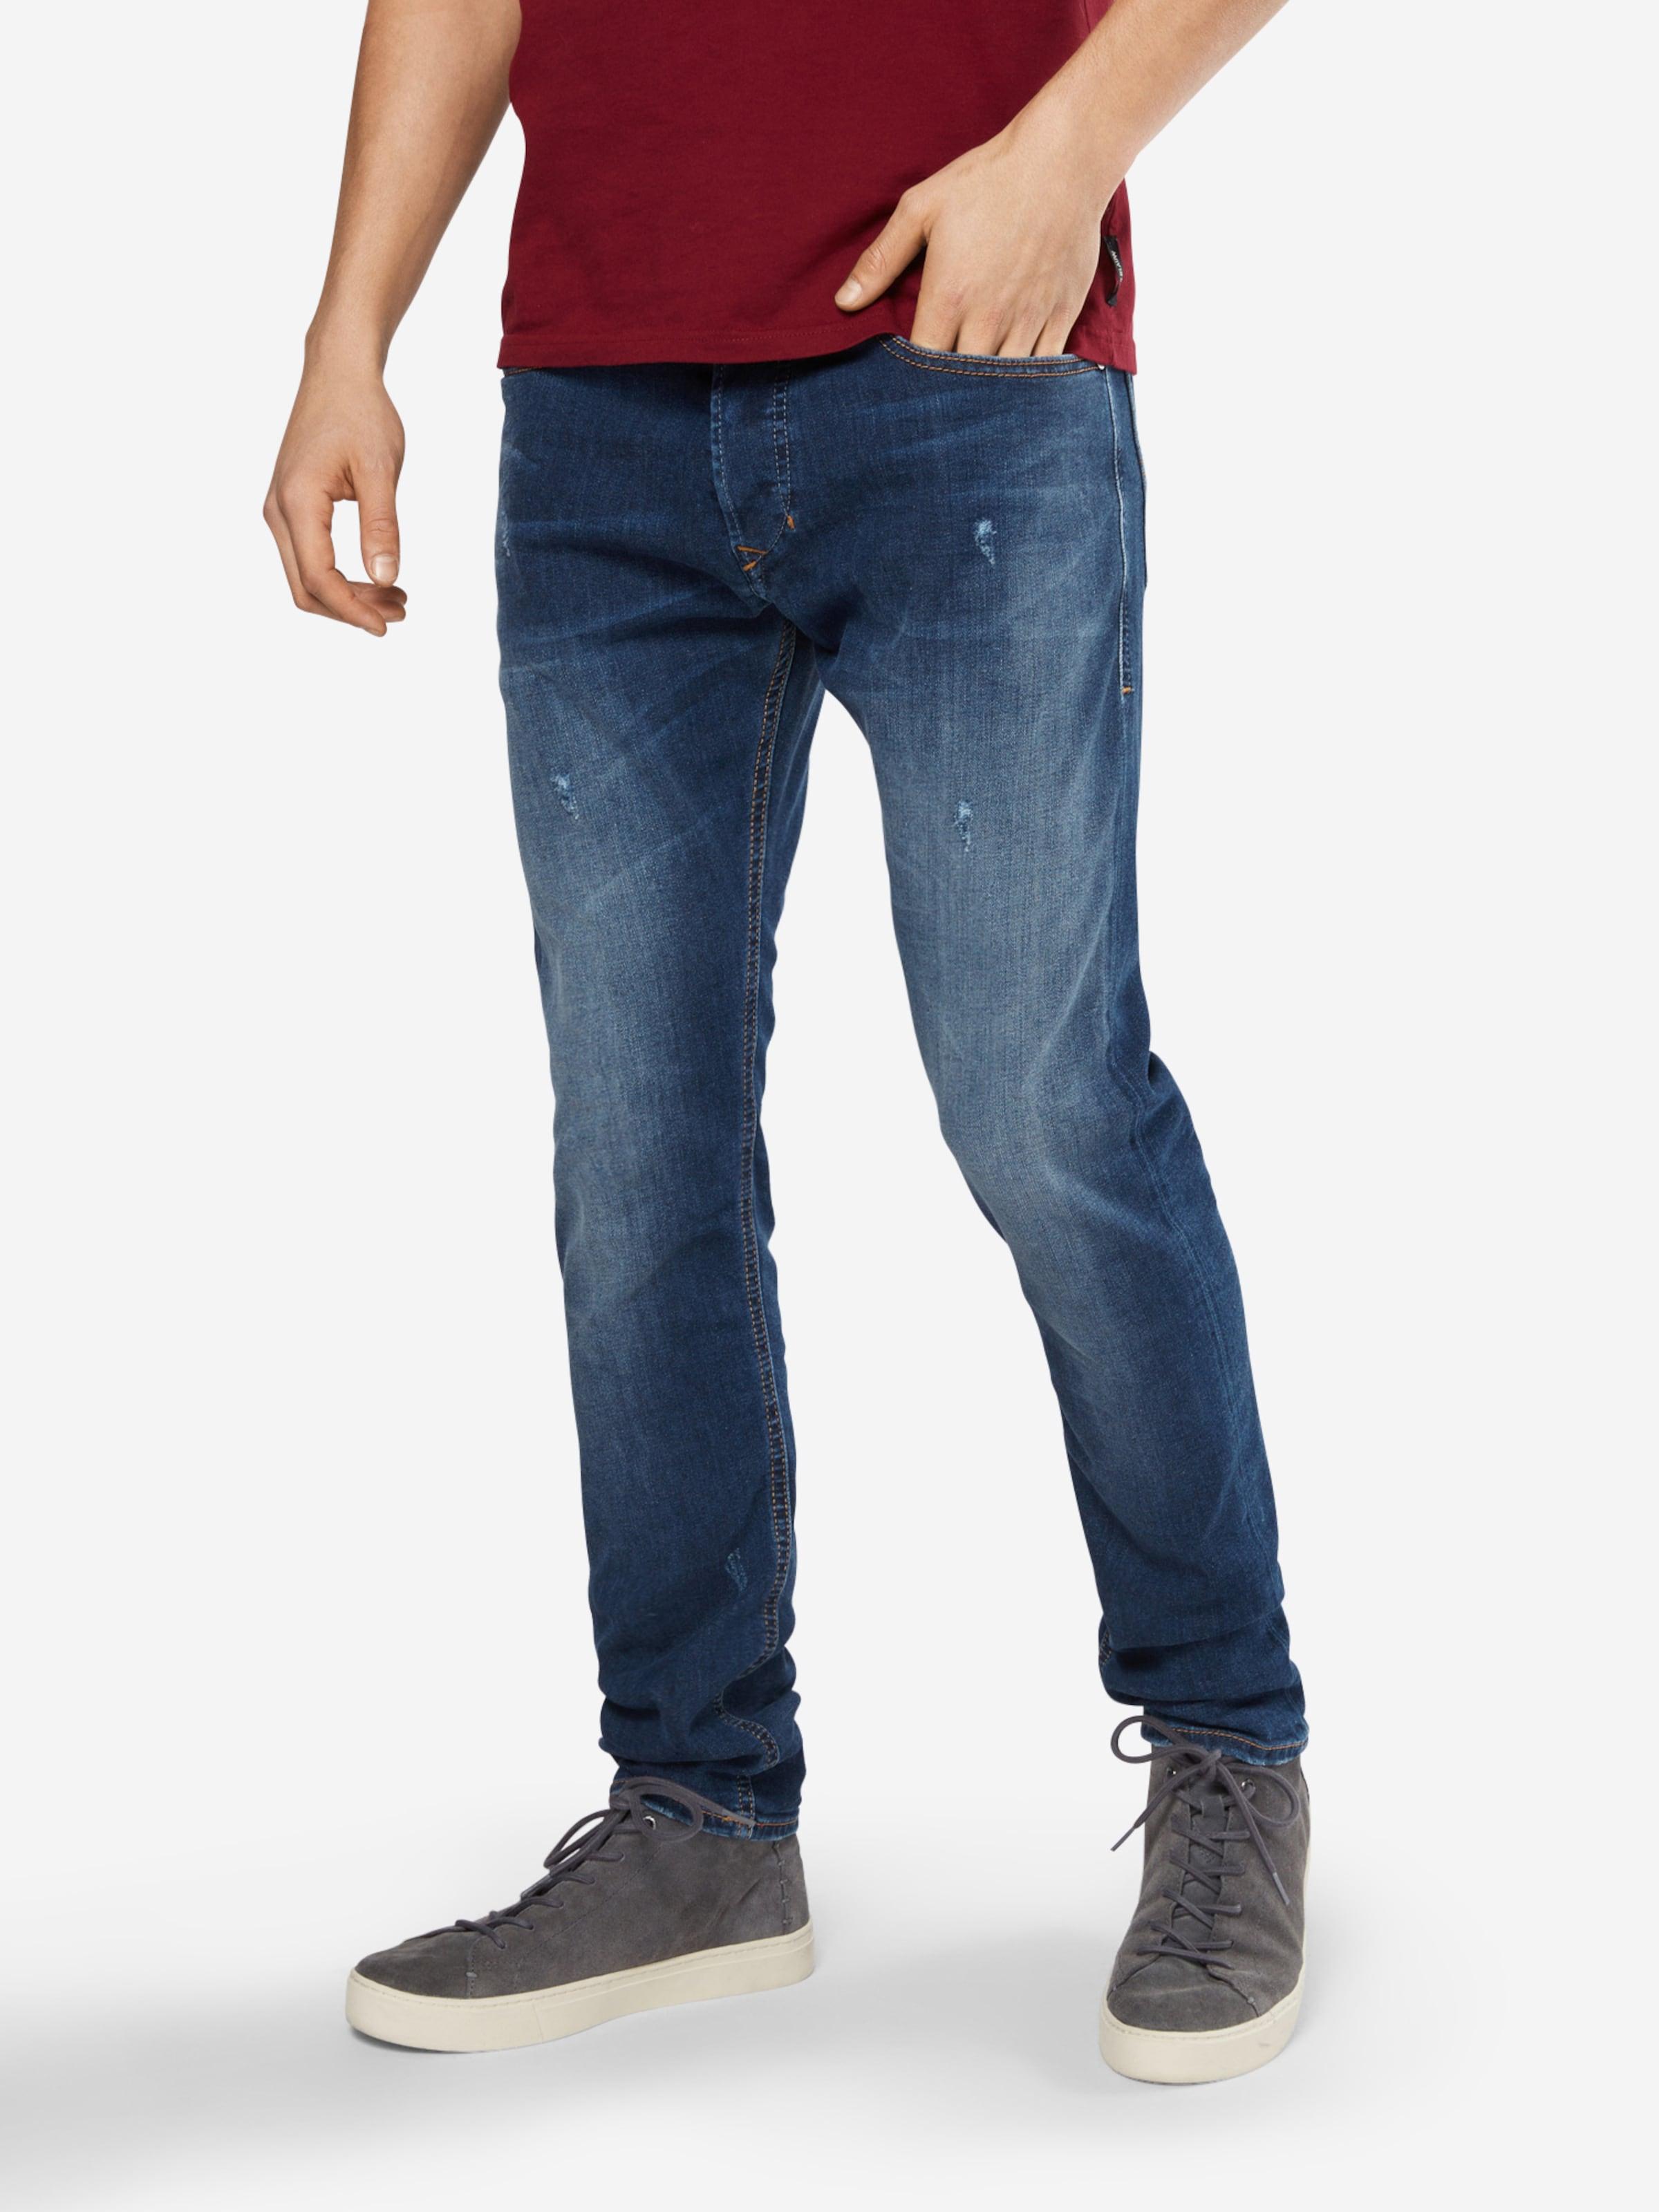 DIESEL Jeans 'Tepphar' Zu Verkaufen Sehr Billig Billig Verkauf Suchen Günstige Angebote Insbesondere Rabatt Niedrigen Preis Versandkosten Für Günstigen Preis VYpcw37xL